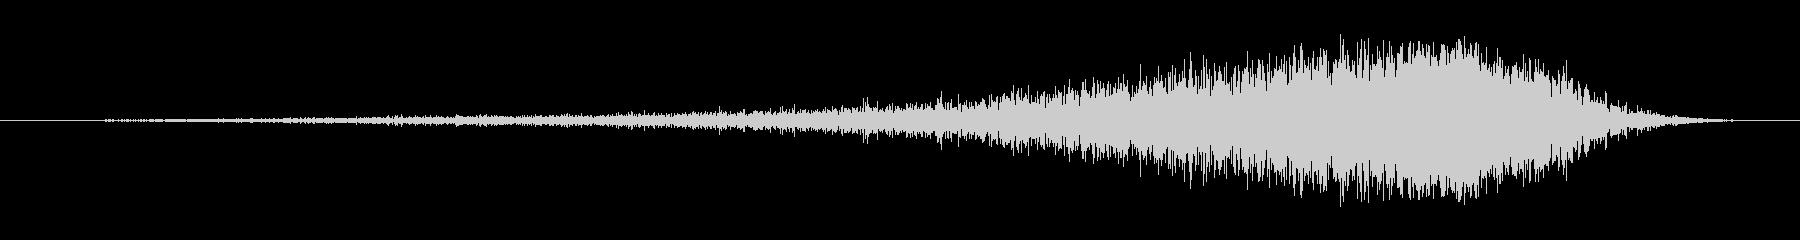 クイックスライスウーシ3の未再生の波形